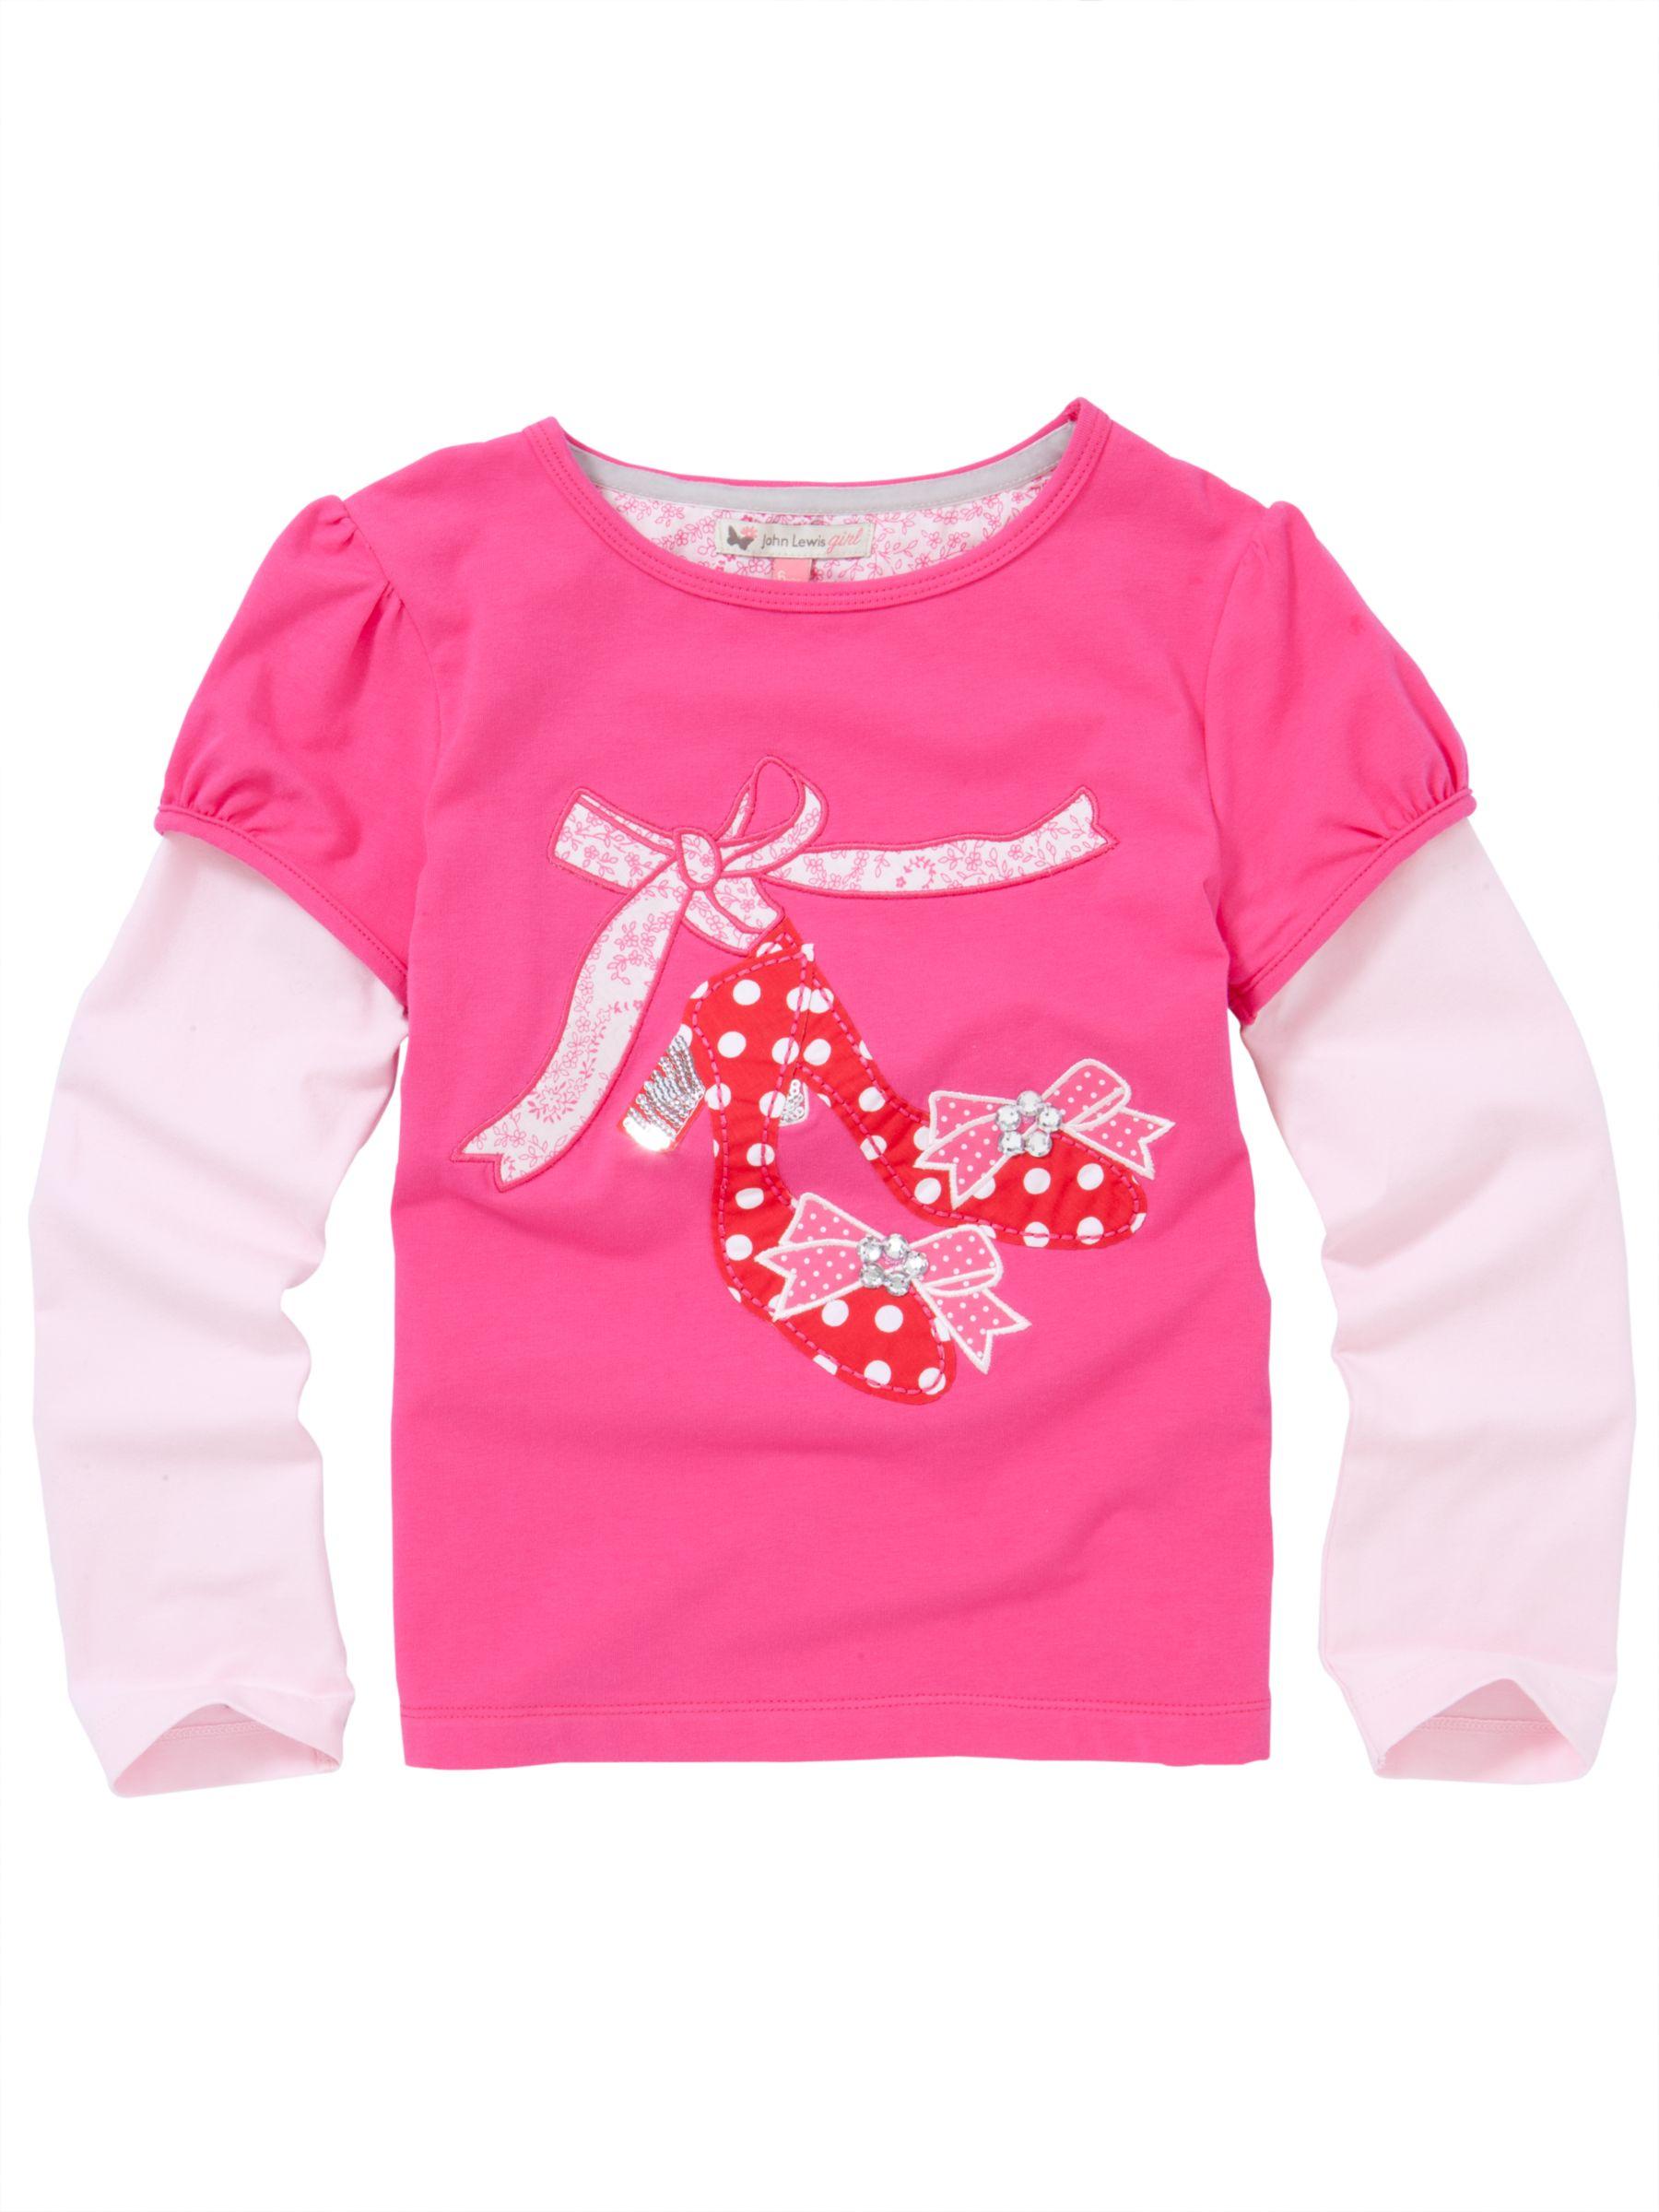 Shoes Applique T-Shirt, Pink